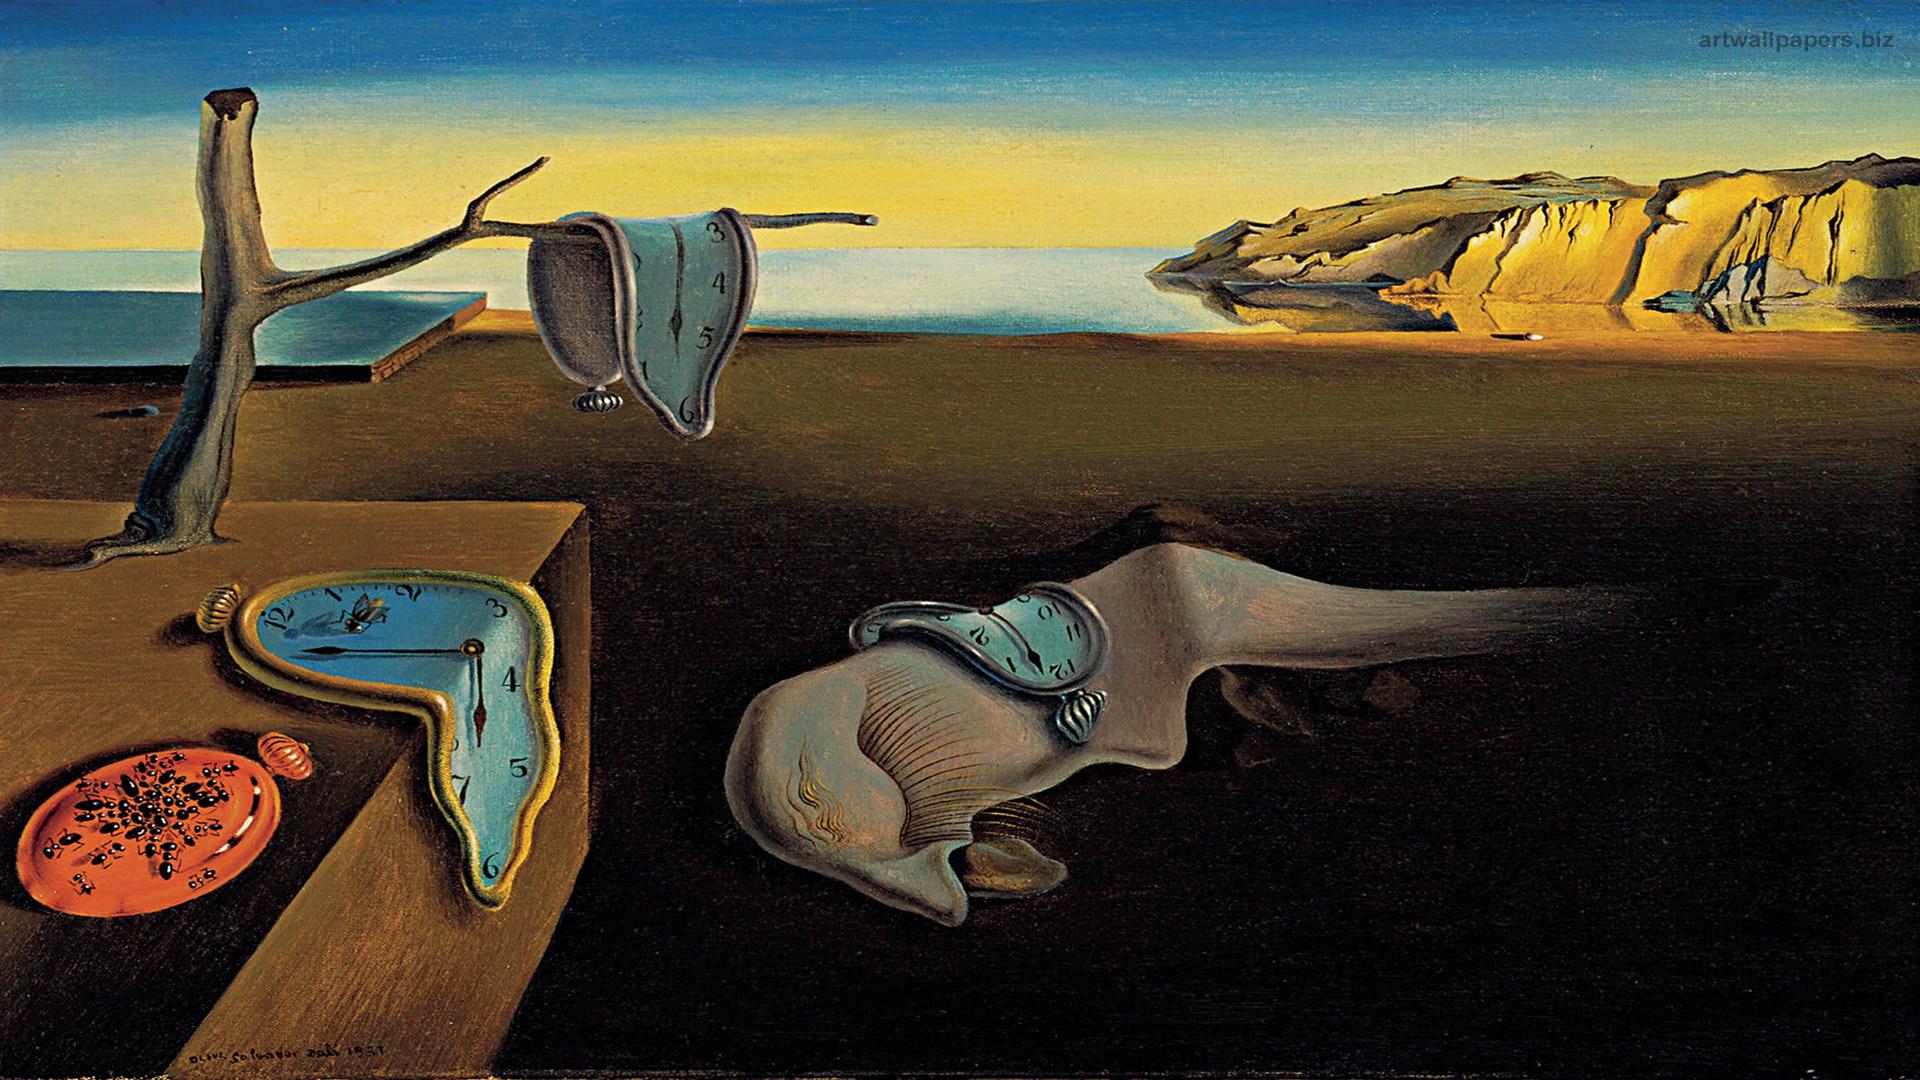 Salvador Dali Wallpapers 1080p - WallpaperSafari